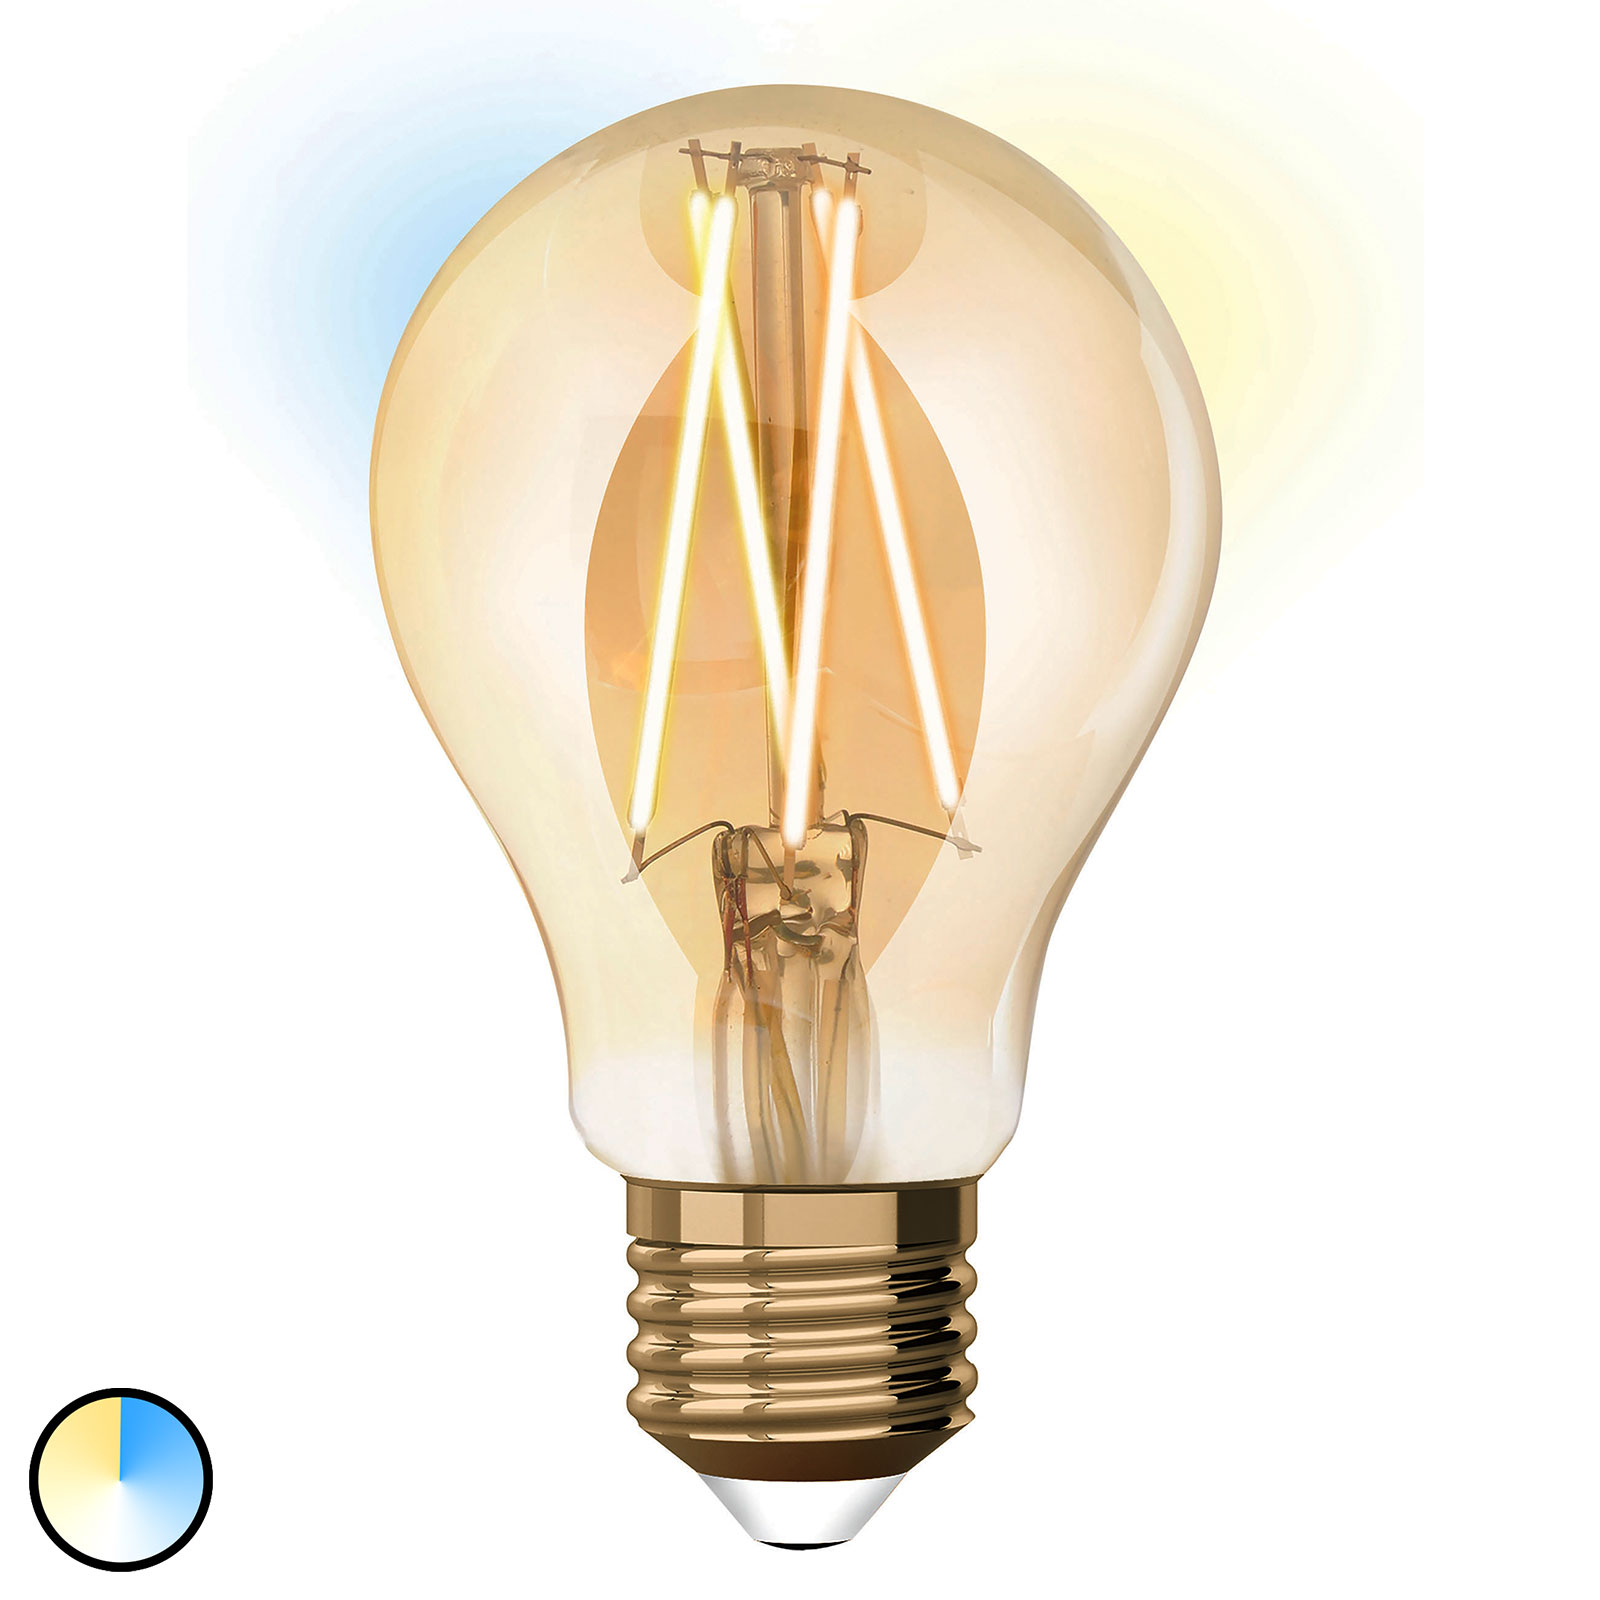 iDual LED-filamentlampa E27 9 W A60 utvidgning